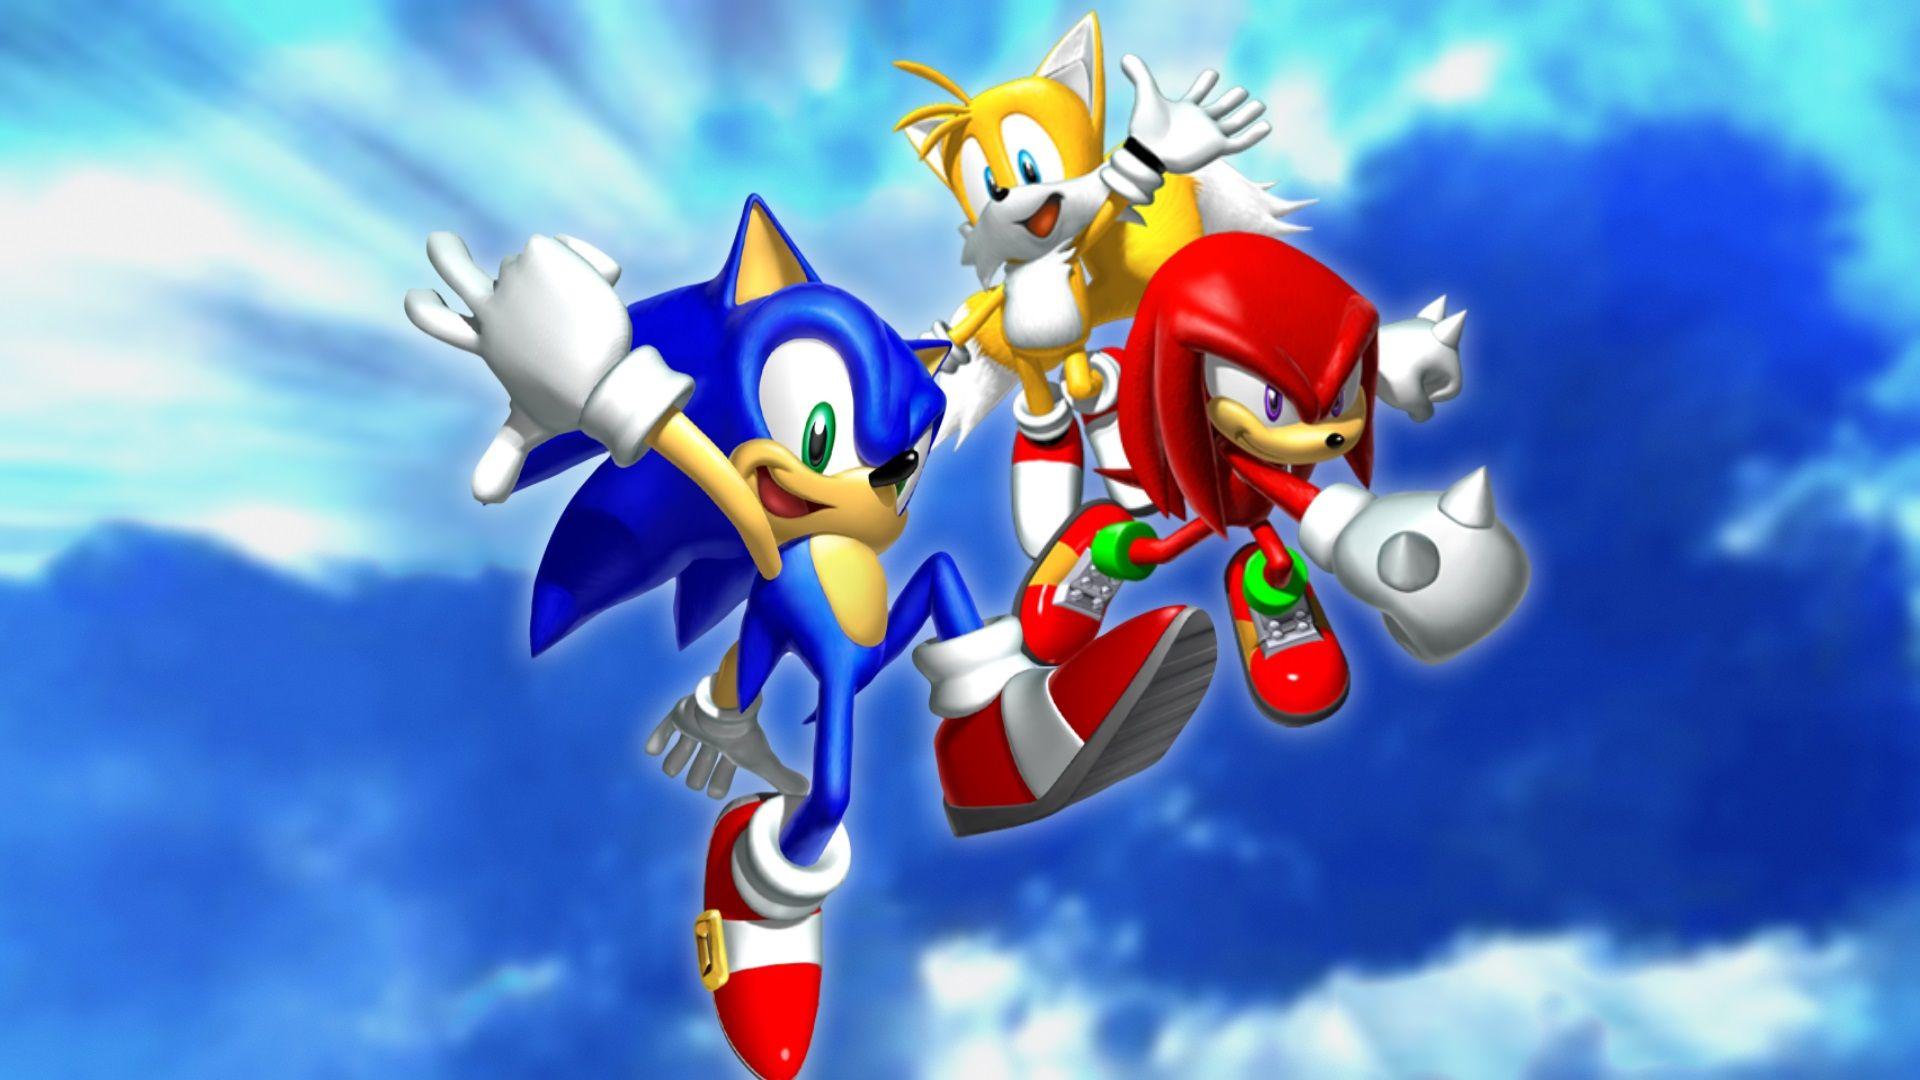 Sonic Heroes Trio [1920x1080] Sonic heroes, Hedgehog